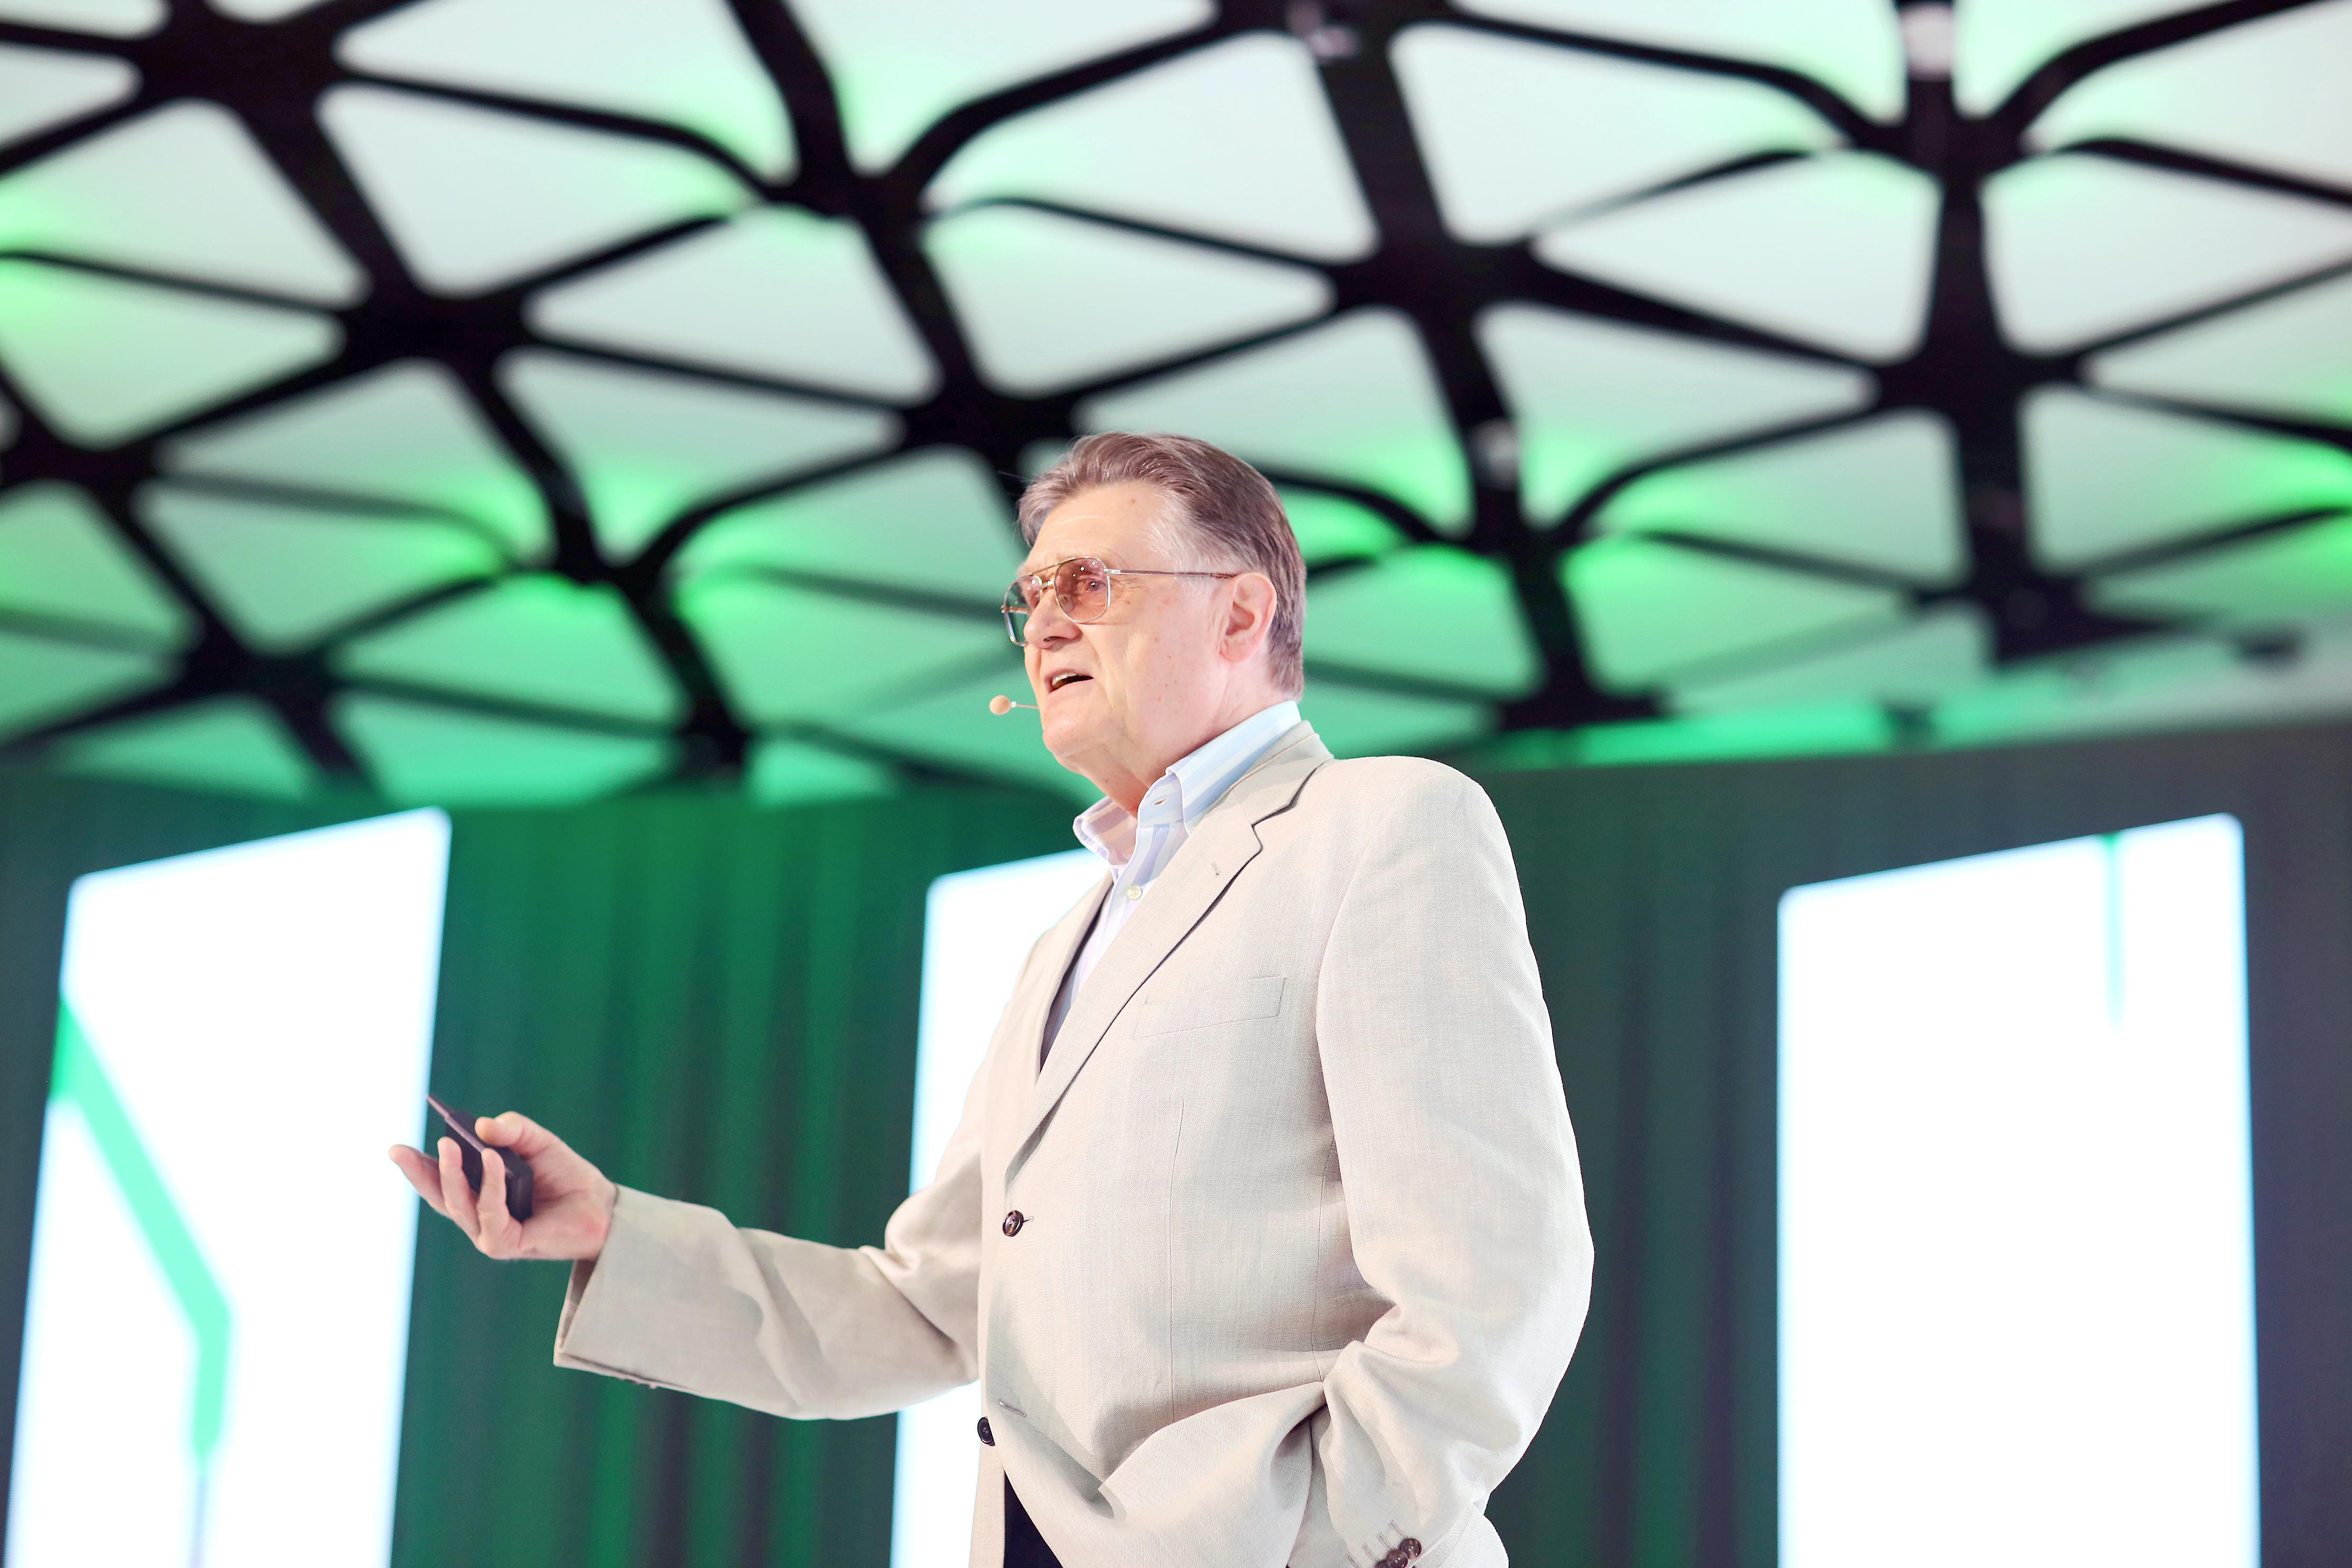 O stylu zarządzania zespołem opowiadał prof. Andrzej Blikle